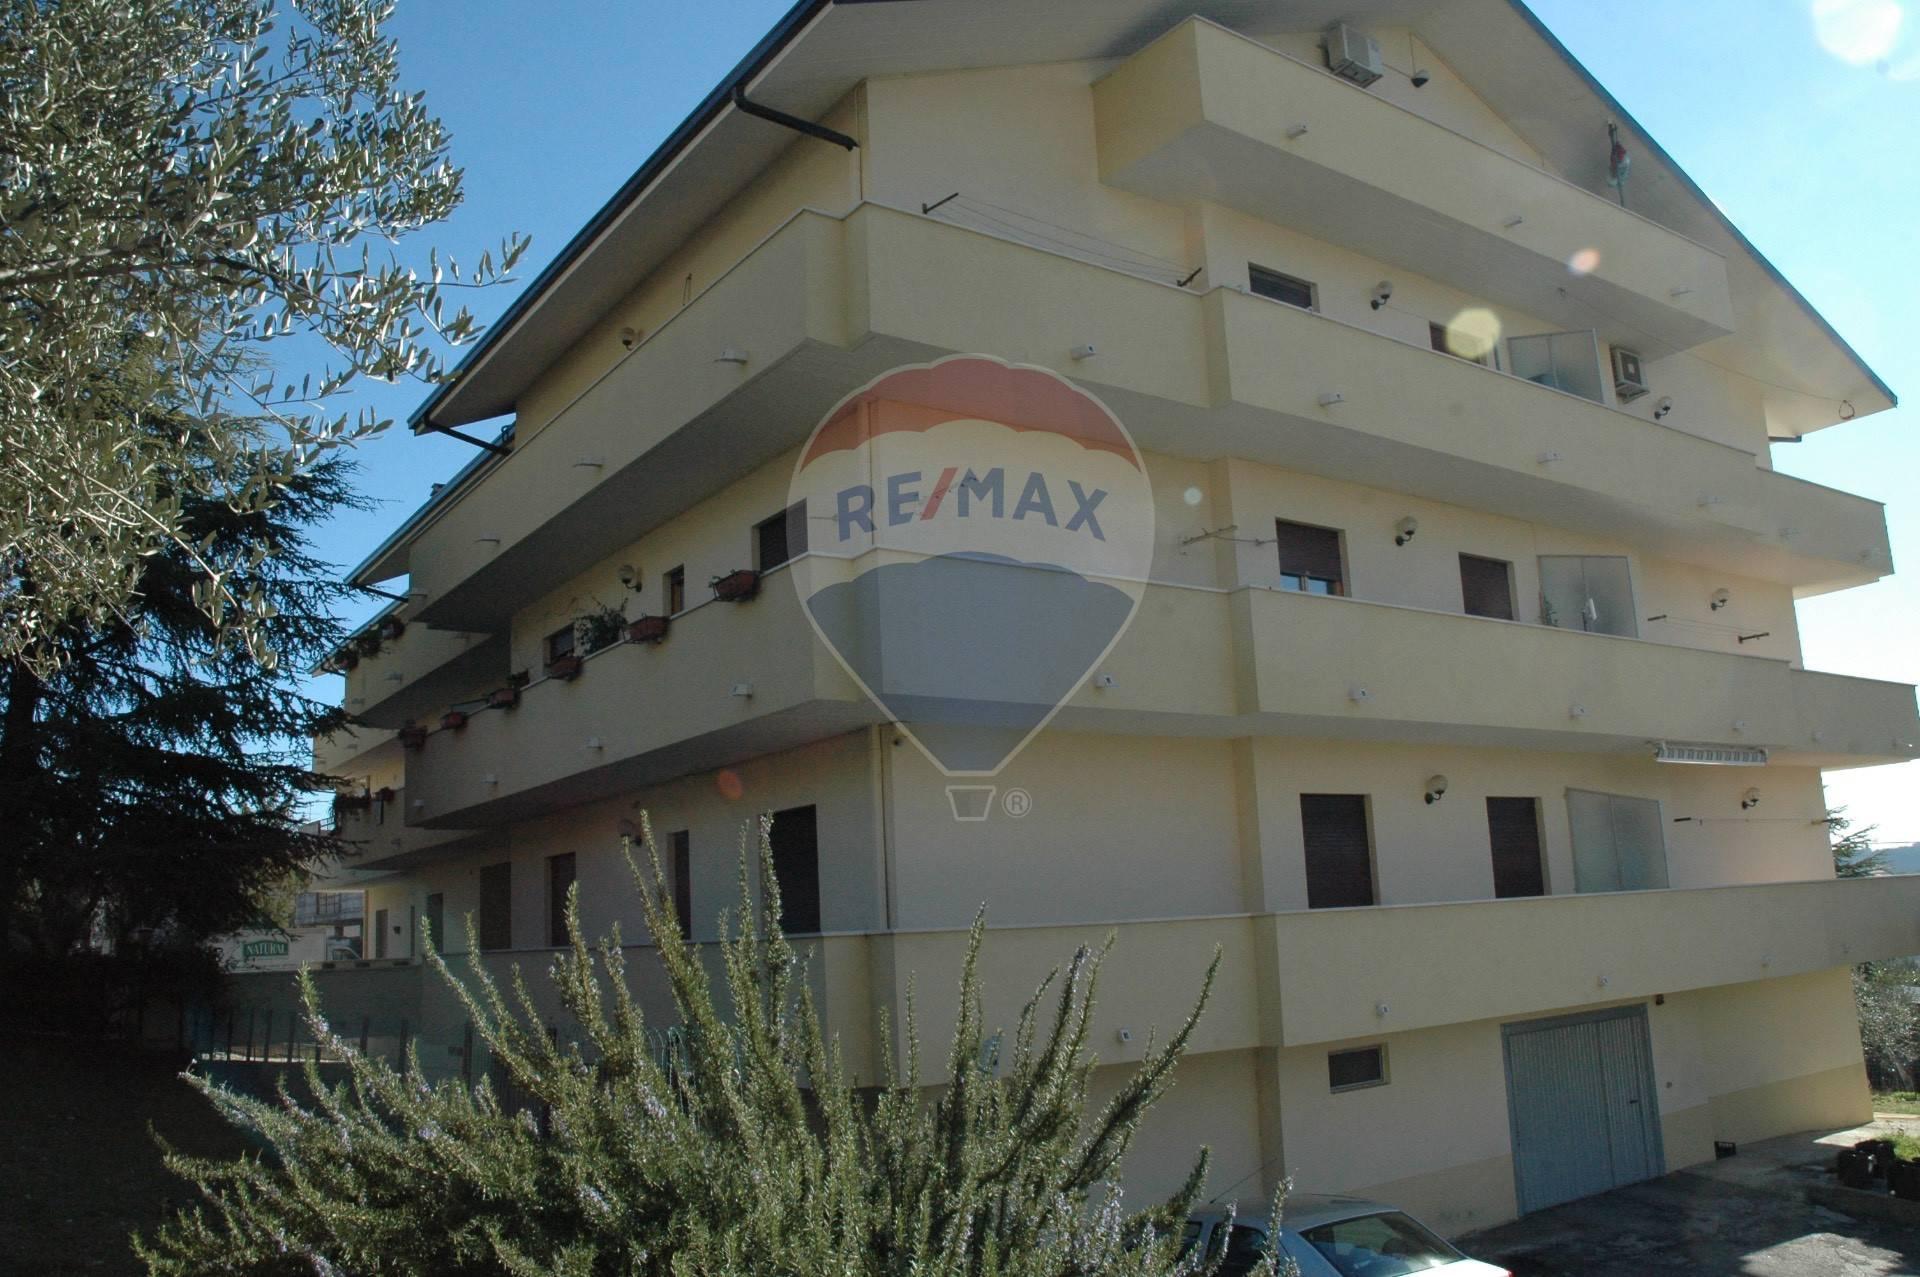 Appartamento in vendita a Bucchianico, 4 locali, prezzo € 95.000 | CambioCasa.it